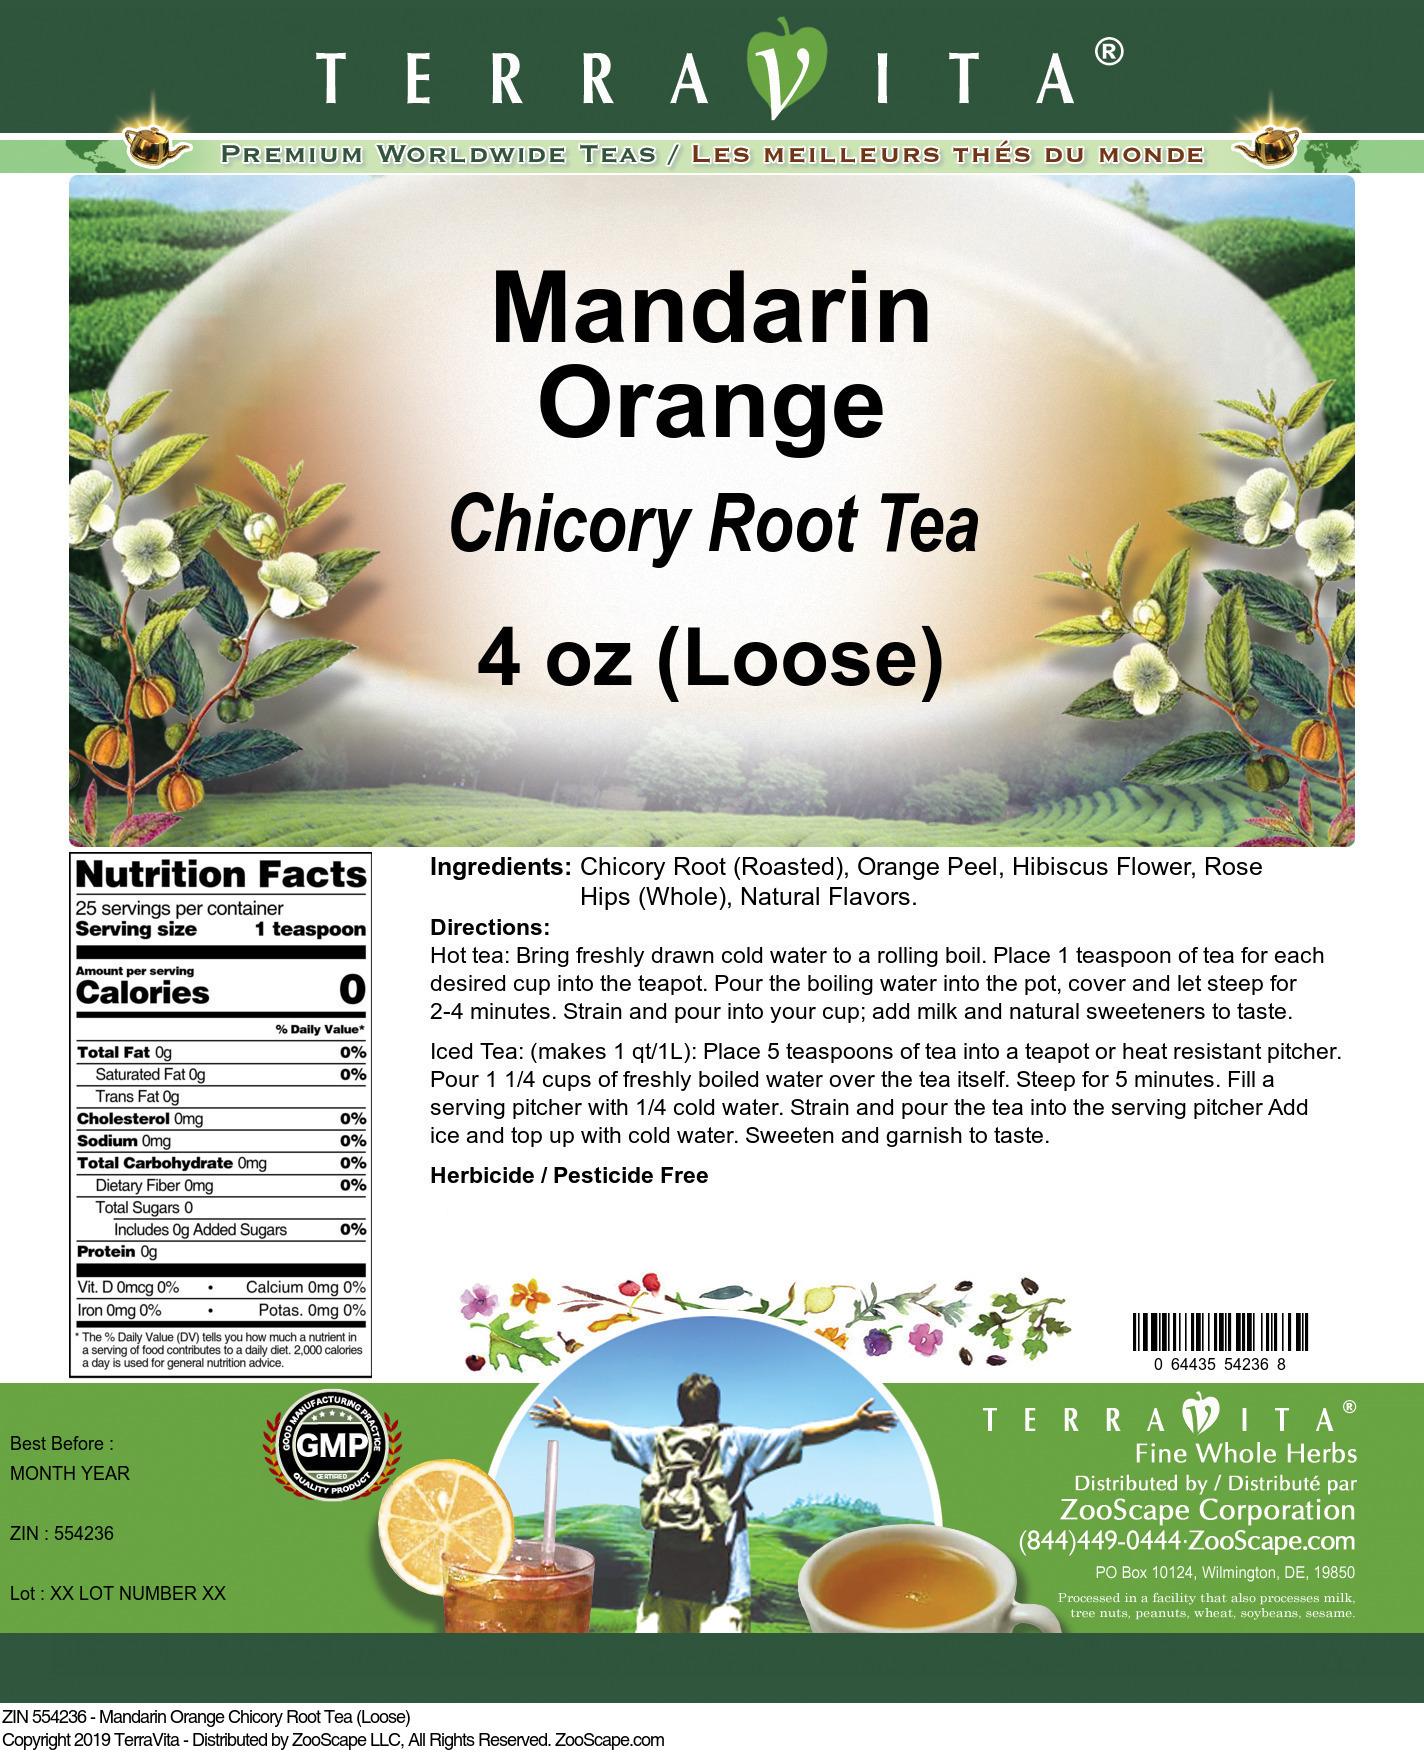 Mandarin Orange Chicory Root